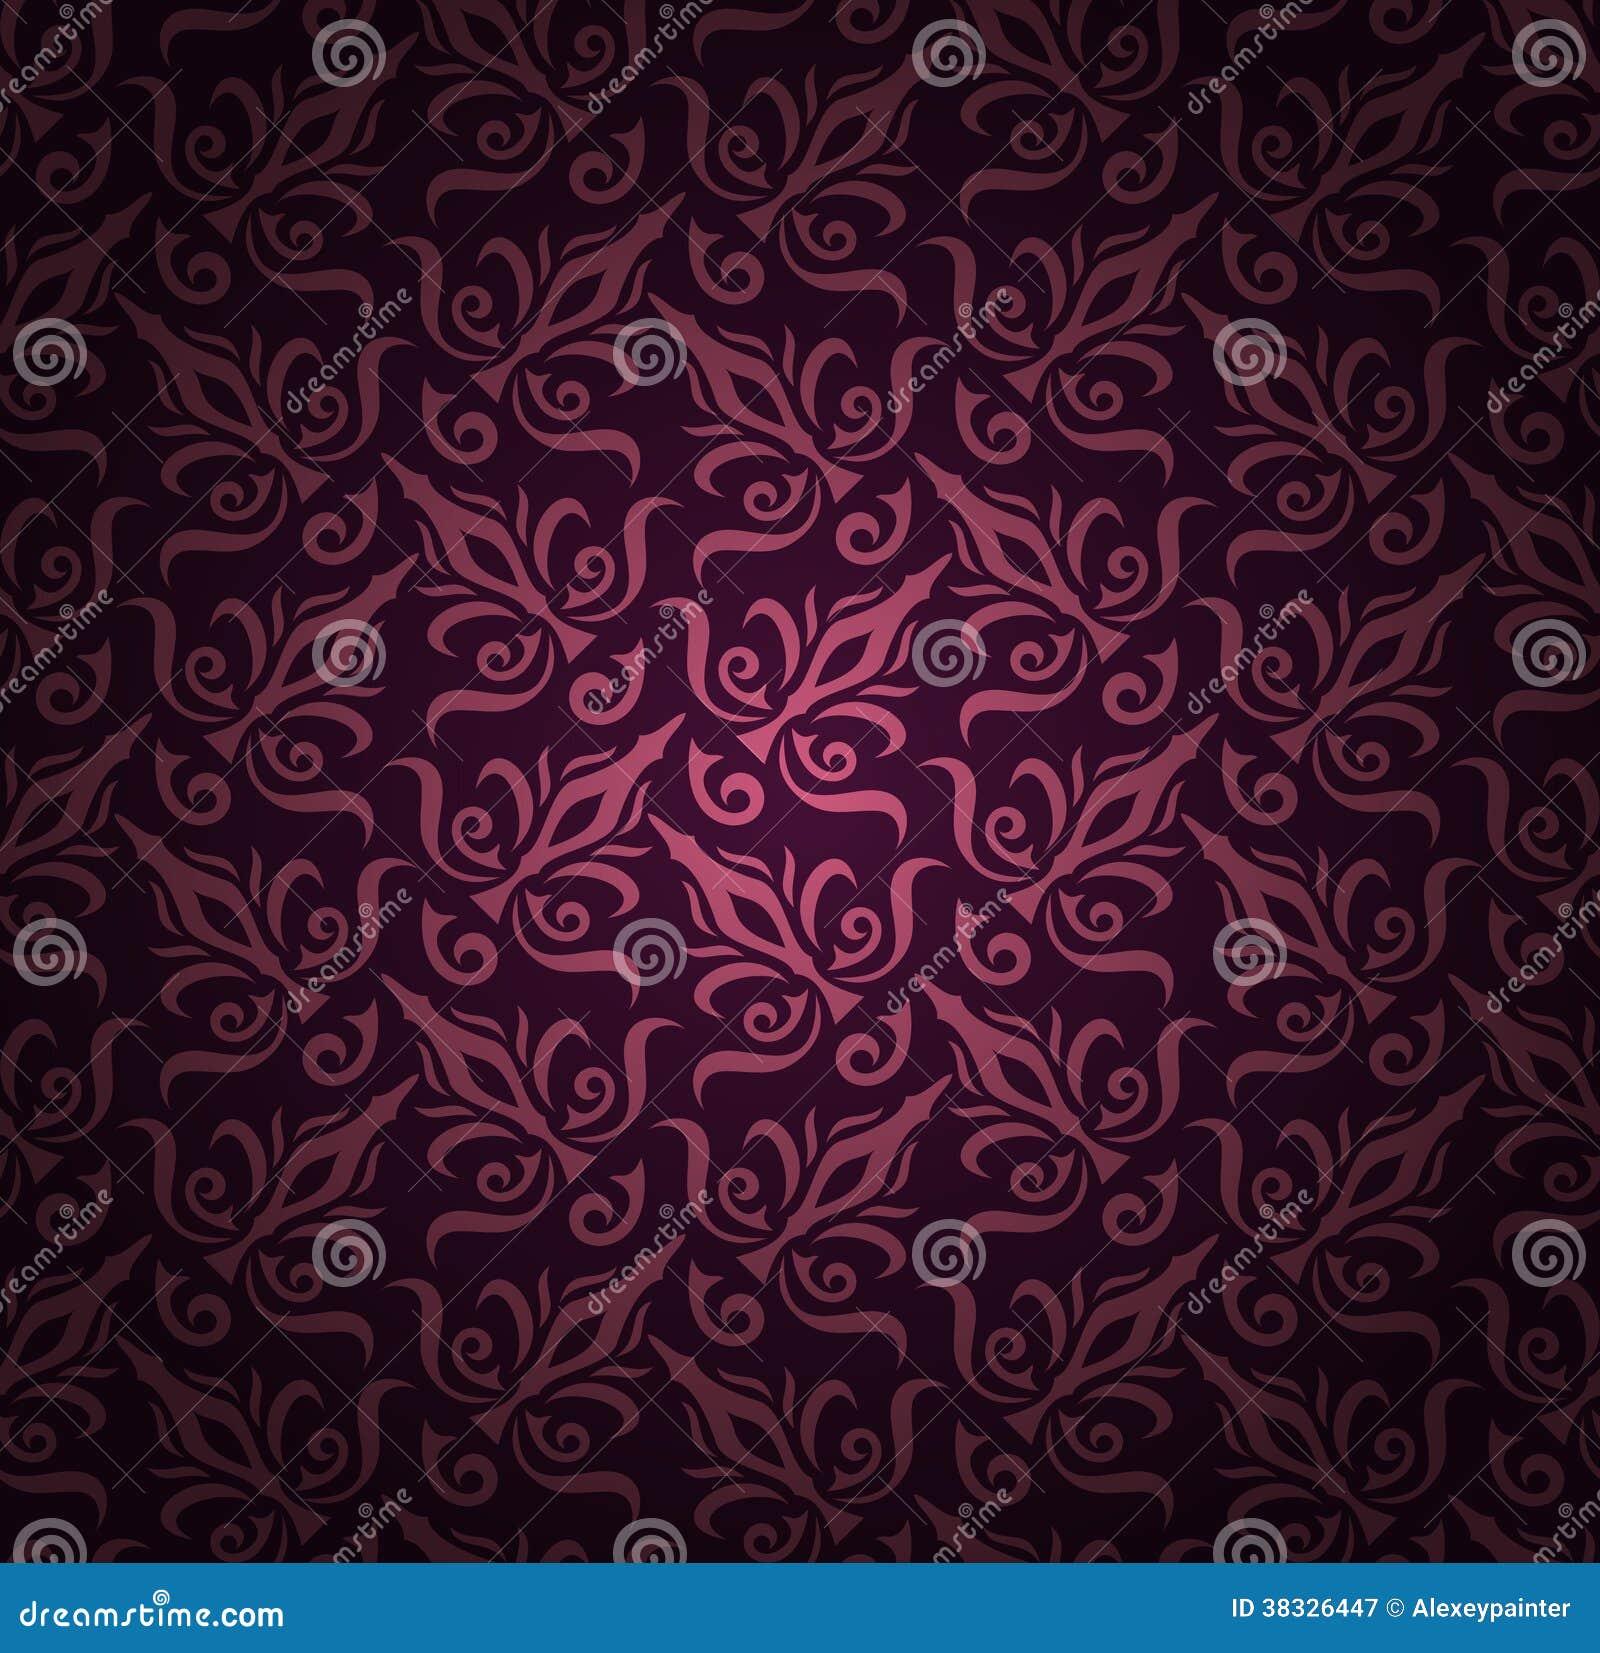 pattern royalty background patterns - photo #12